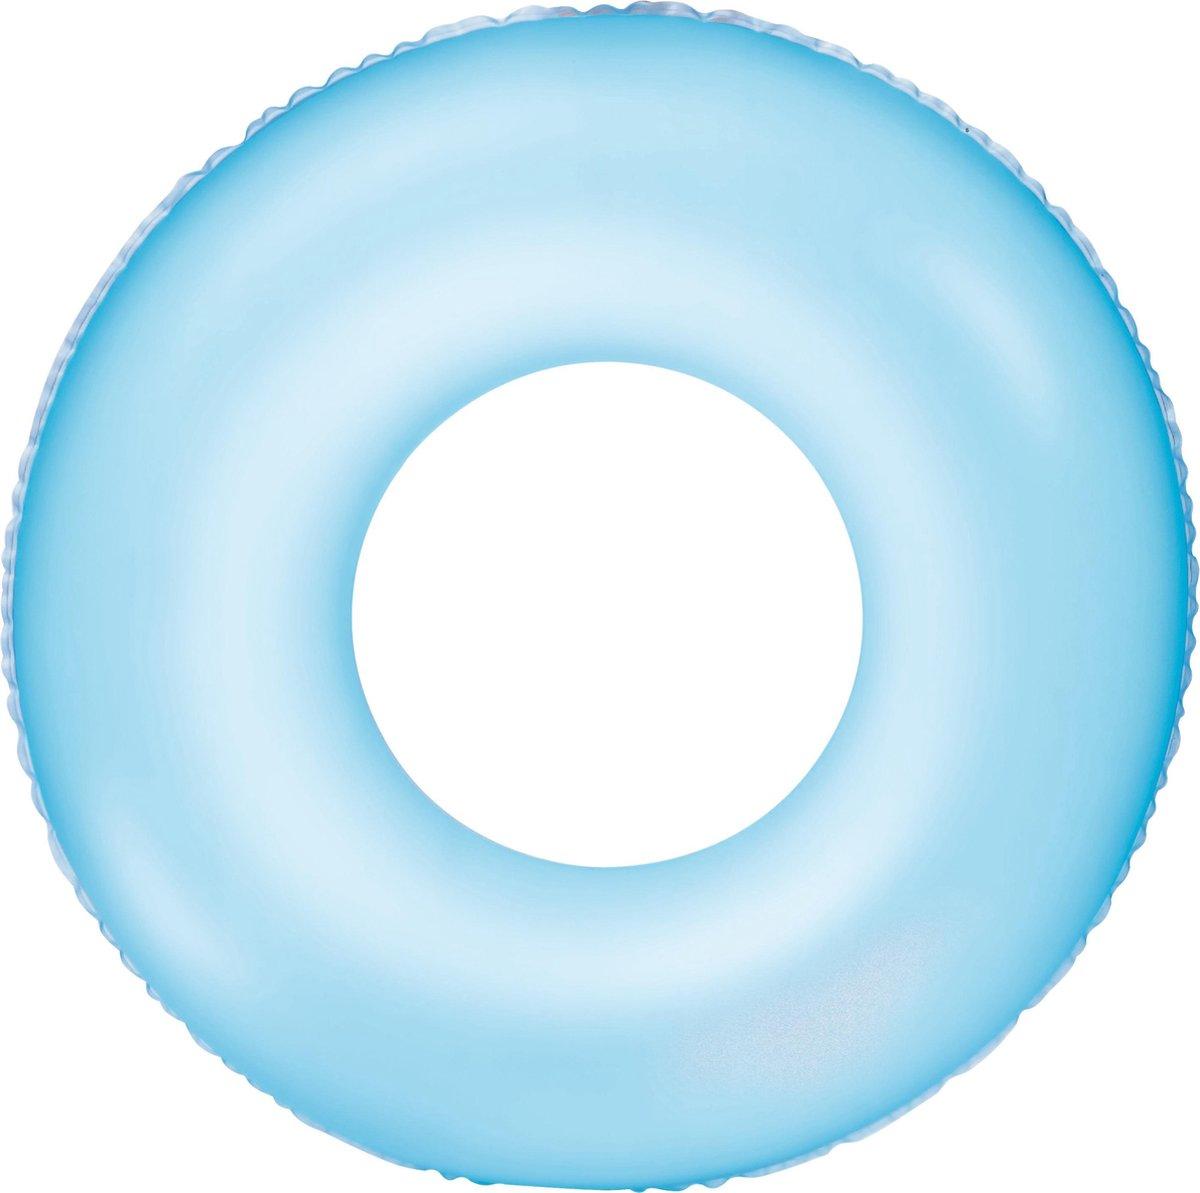 Opblaasbare neon blauwe zwemband 76 cm voor volwassenen - Zwembenodigdheden - Zwemringen - Veilig zwemmen - Blauwe zwembanden voor kinderen en volwassenen